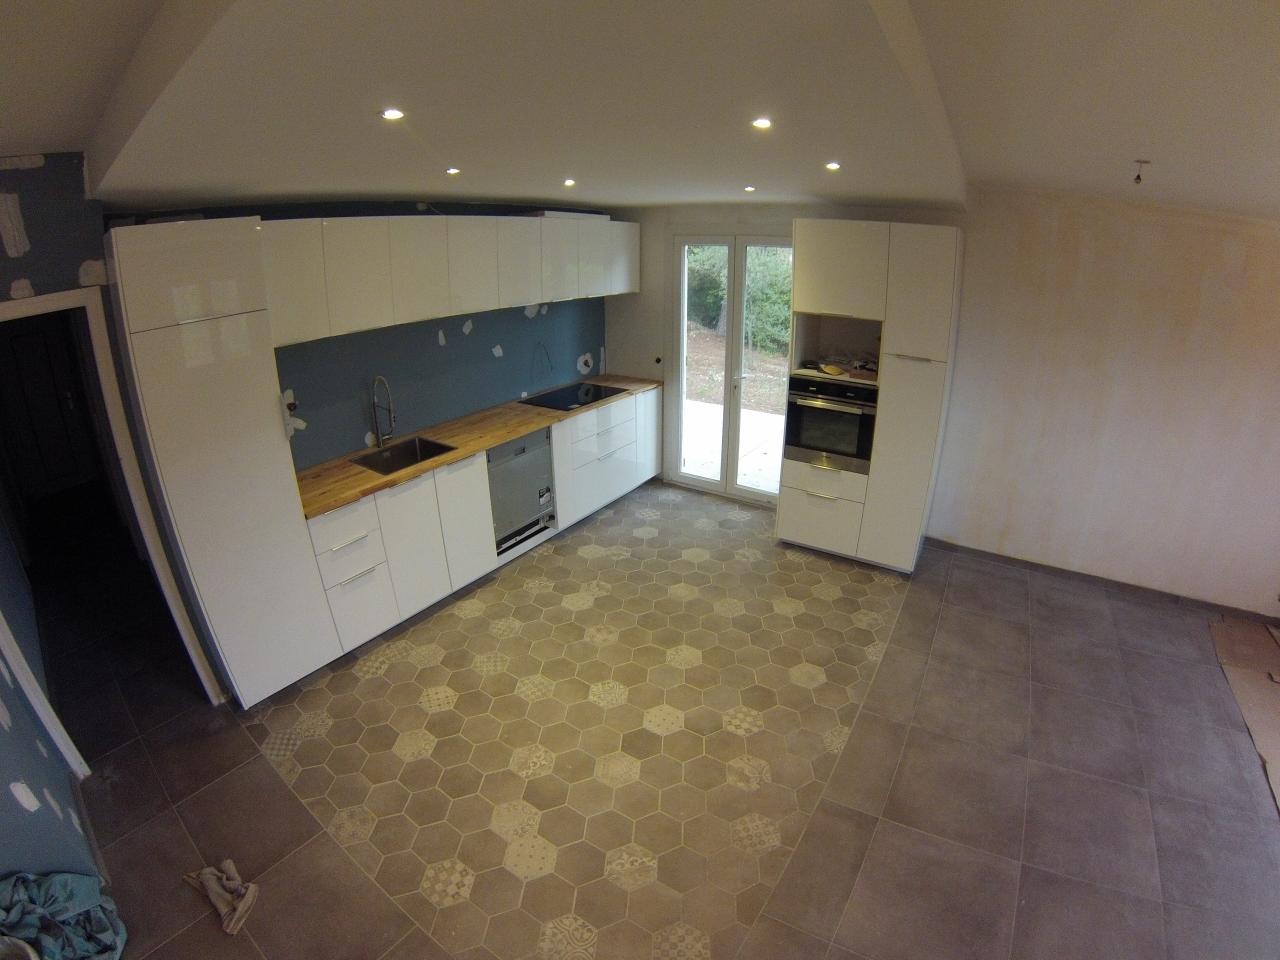 Faux Plafond Cuisine Ilot 24. espace cuisine ouvert dans grande pièce a vivre